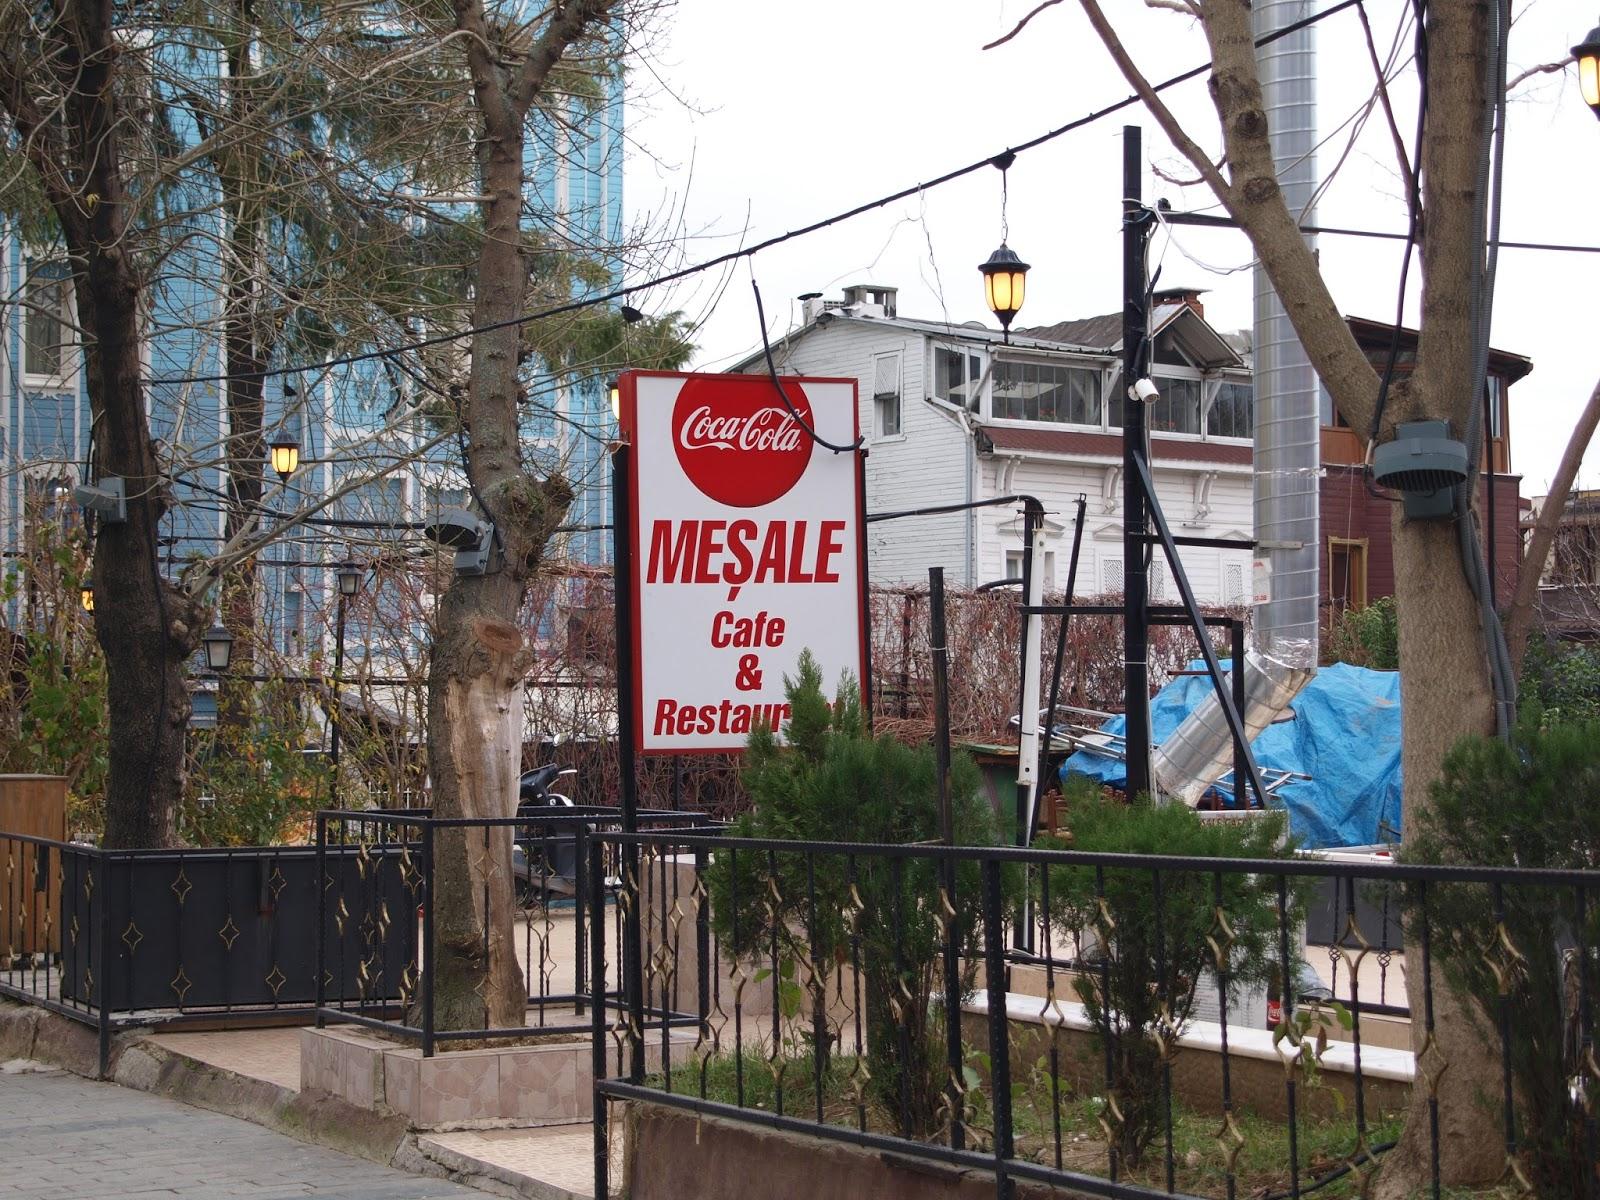 ΚΩΝΣΤΑΝΤΙΝΟΥΠΟΛΗ: ''MESALE'' CAFE - RESTAURANT.